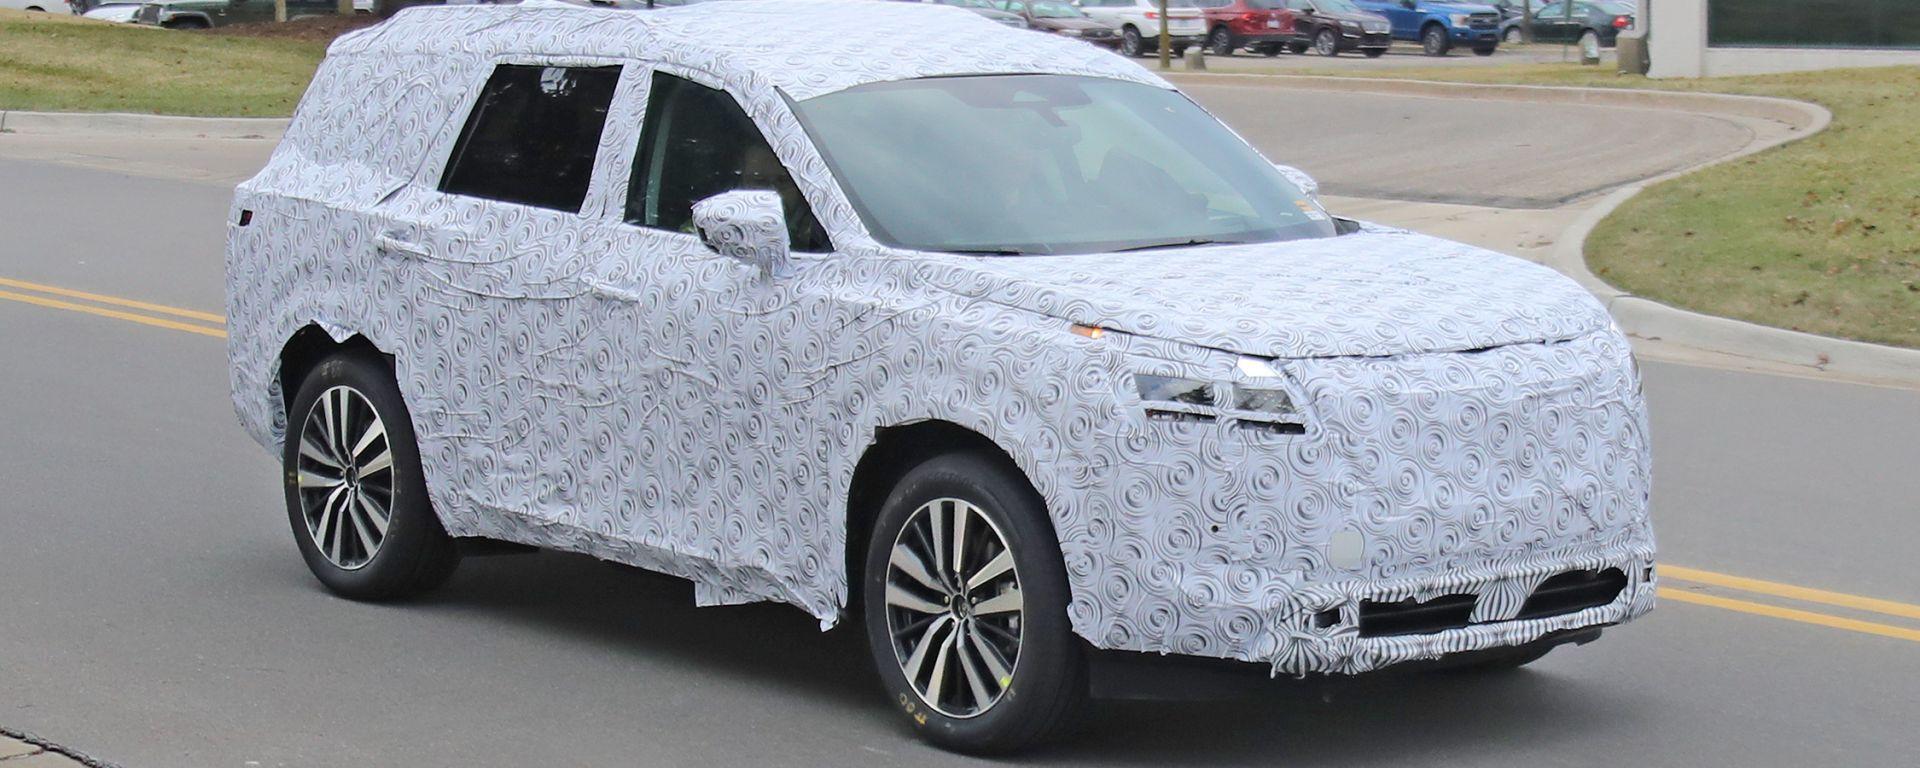 Nissan Pathfinder 2021: le prime foto spia